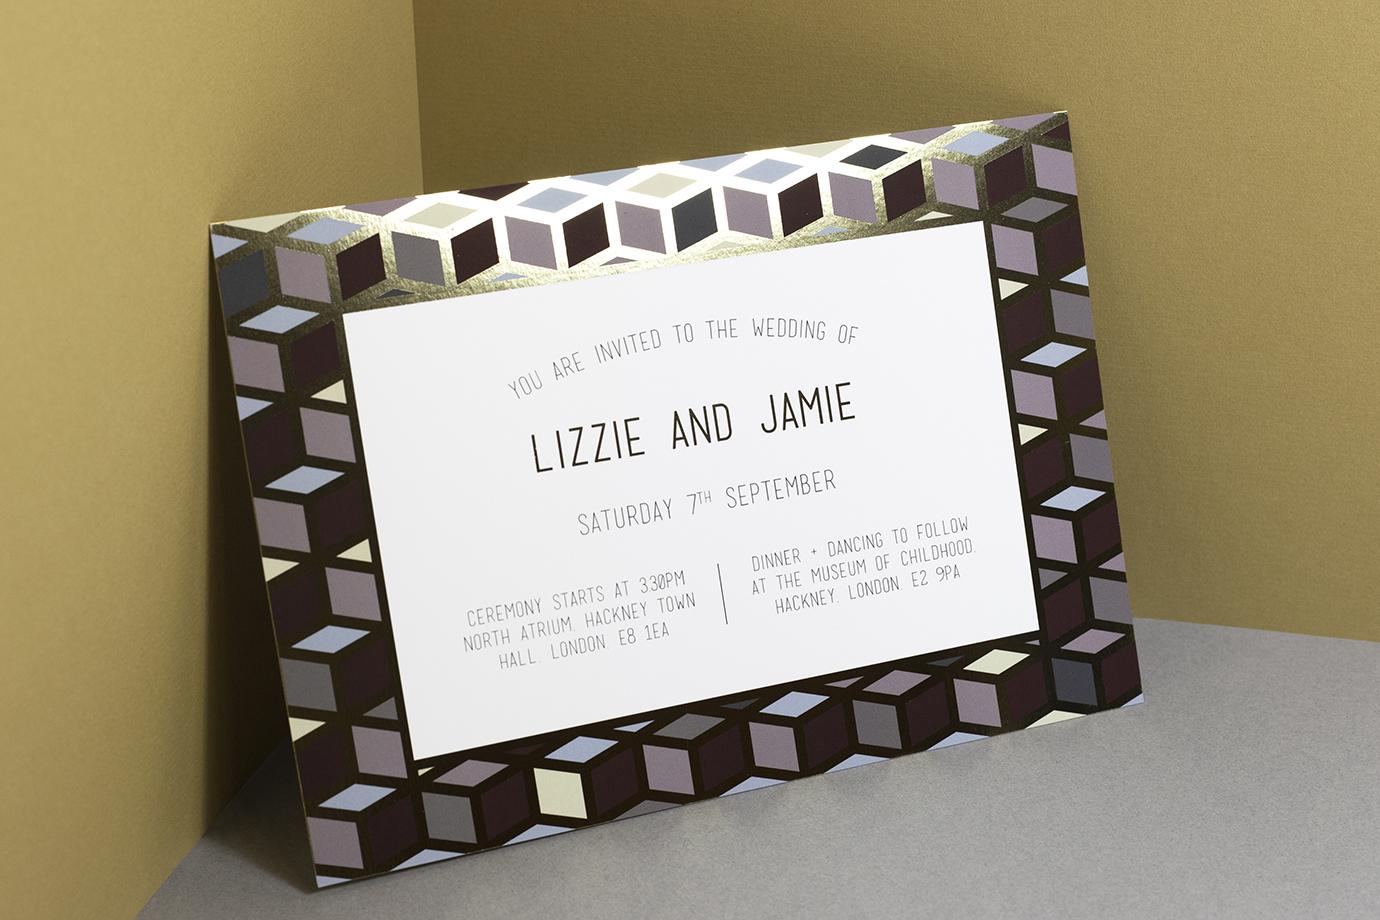 V&A Museum of Childhood tile wedding invitation Design